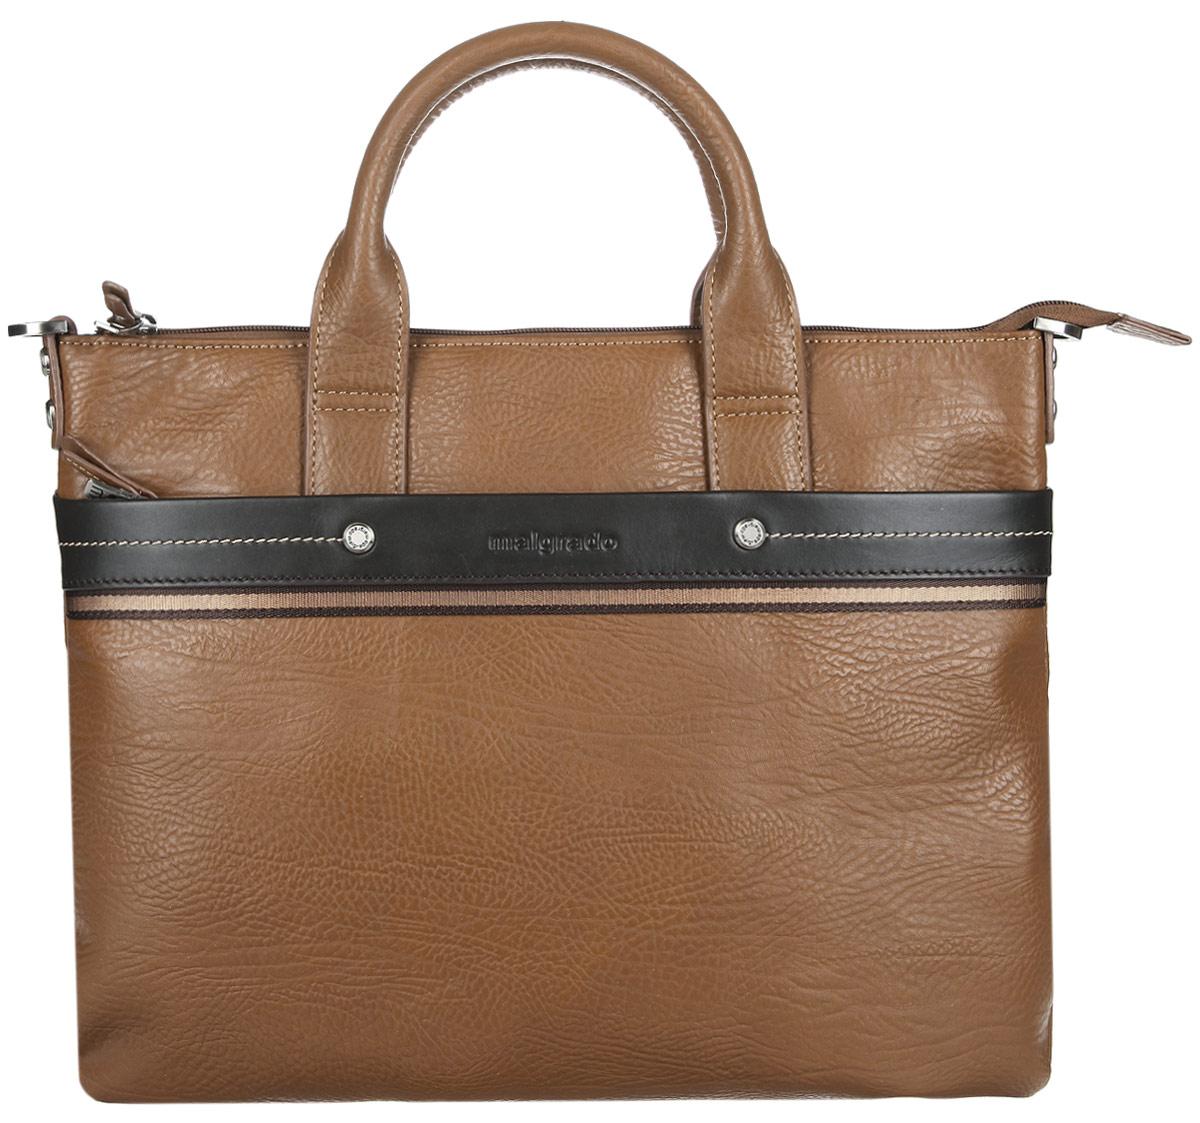 8240ae49f4aa Сумка мужская Malgrado, цвет: коричневый. BR09-318B4932 — купить в  интернет-магазине OZON.ru с быстрой доставкой